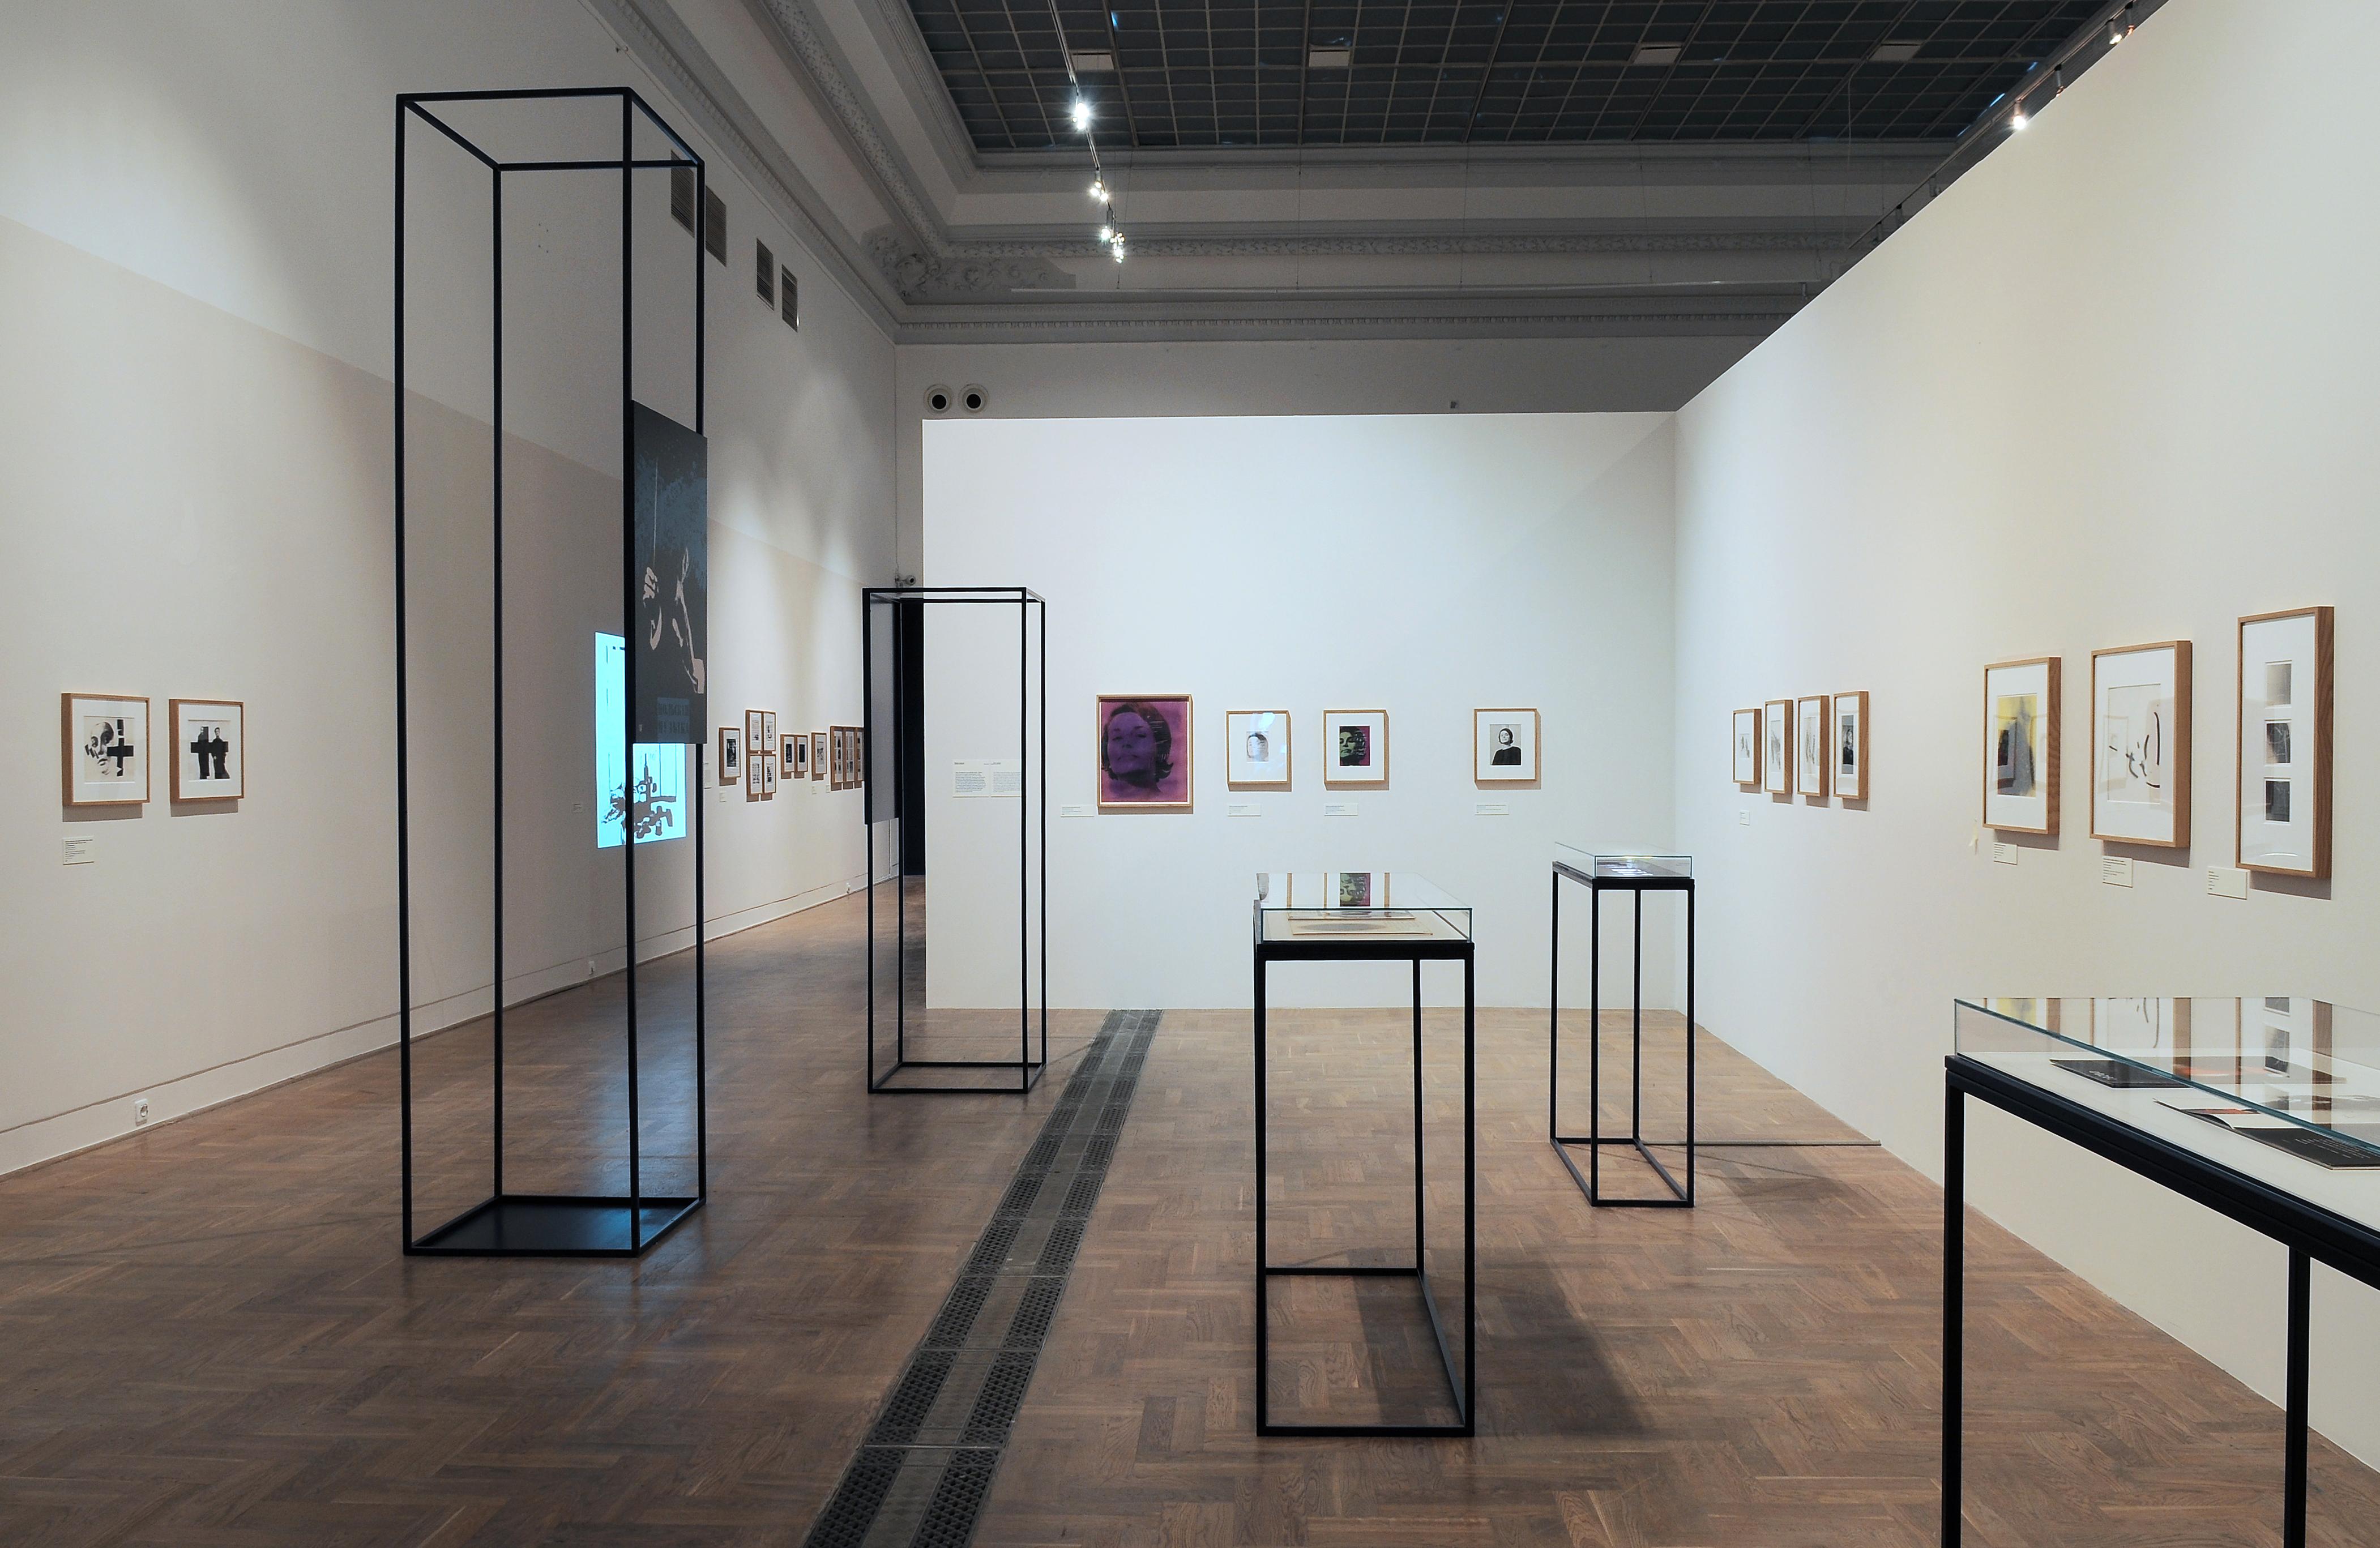 Wojciech Zamecznik, Foto-graficznie, widok wystawy